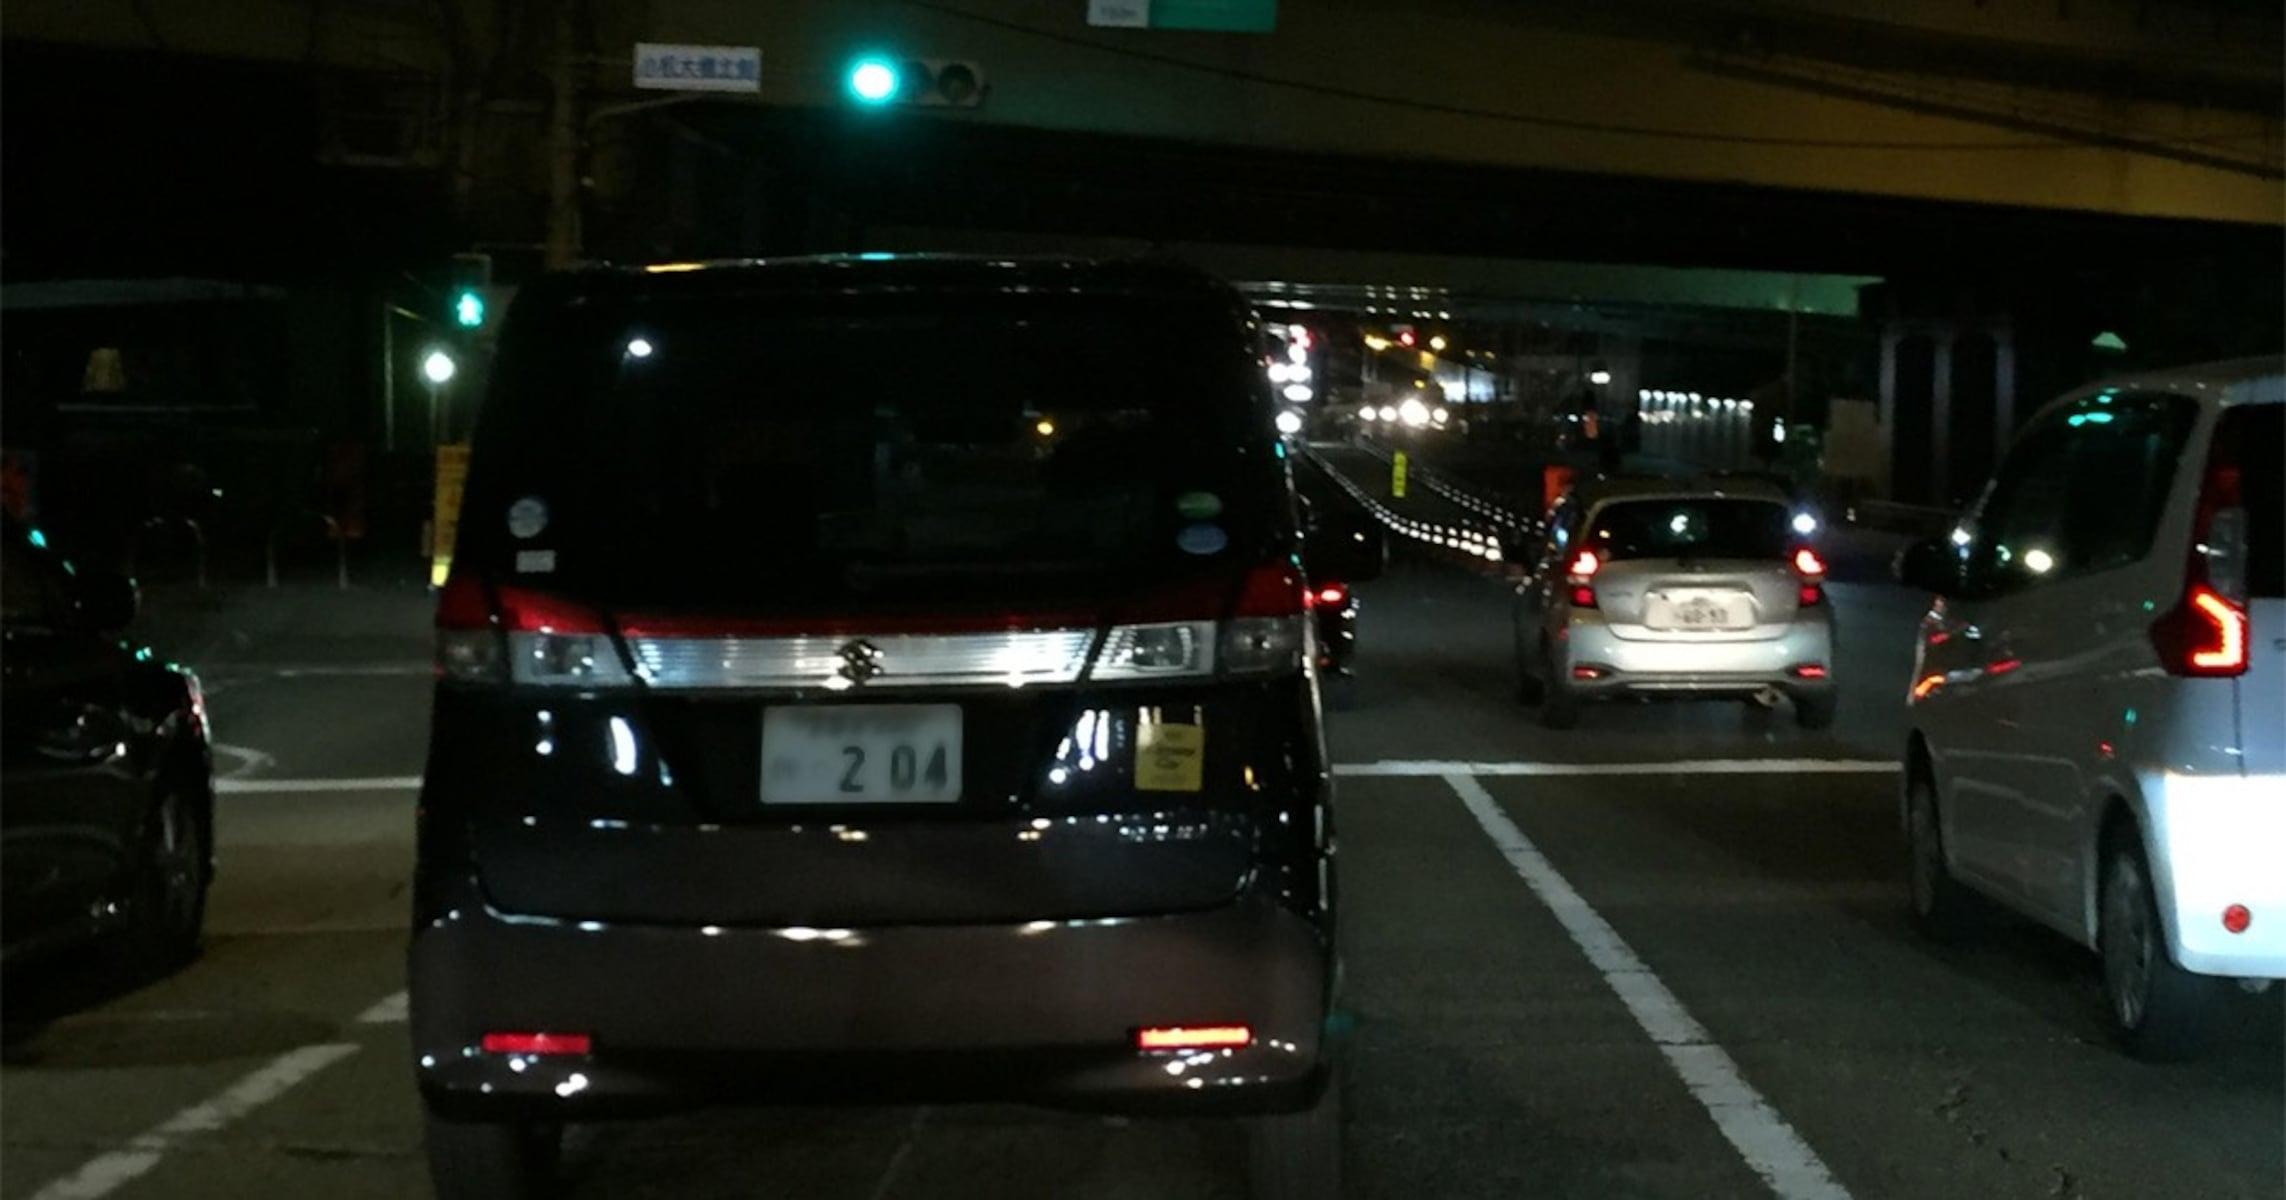 危険すぎ! 夜、ライトを点けずに走っている車が意外に多い理由